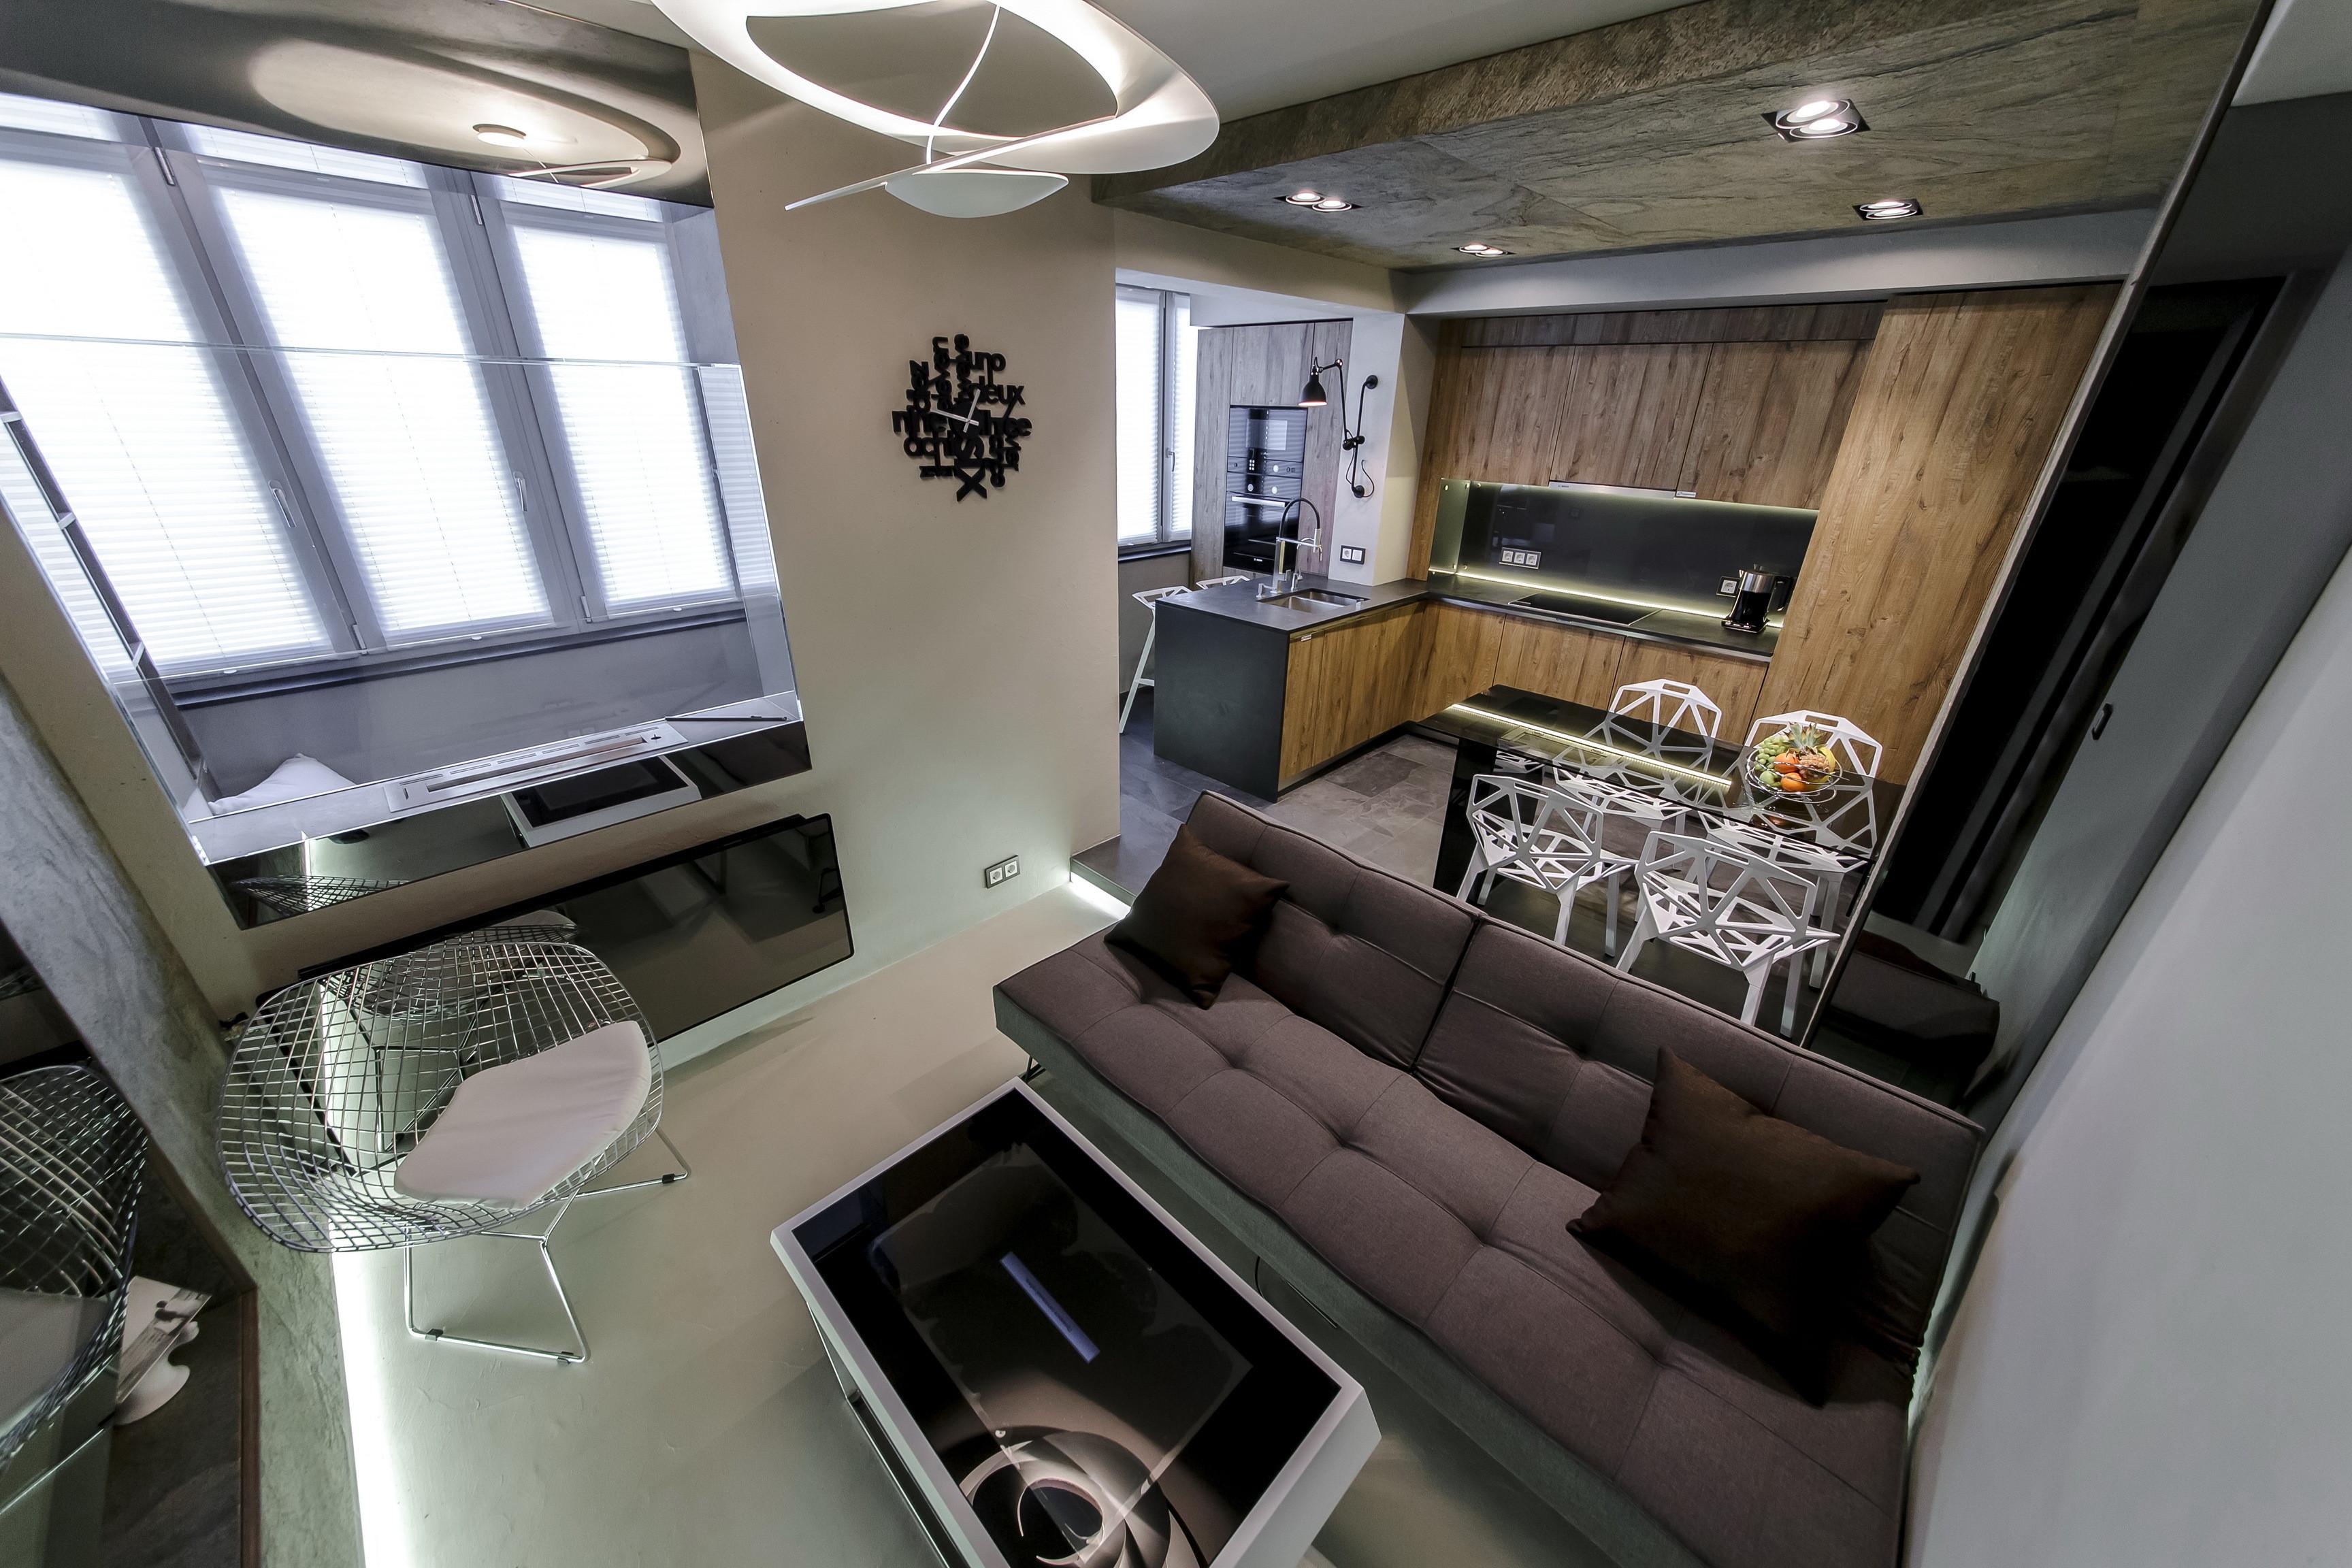 Дизайн кухни, совмещенной с балконом - 75 фото, идей и прави.